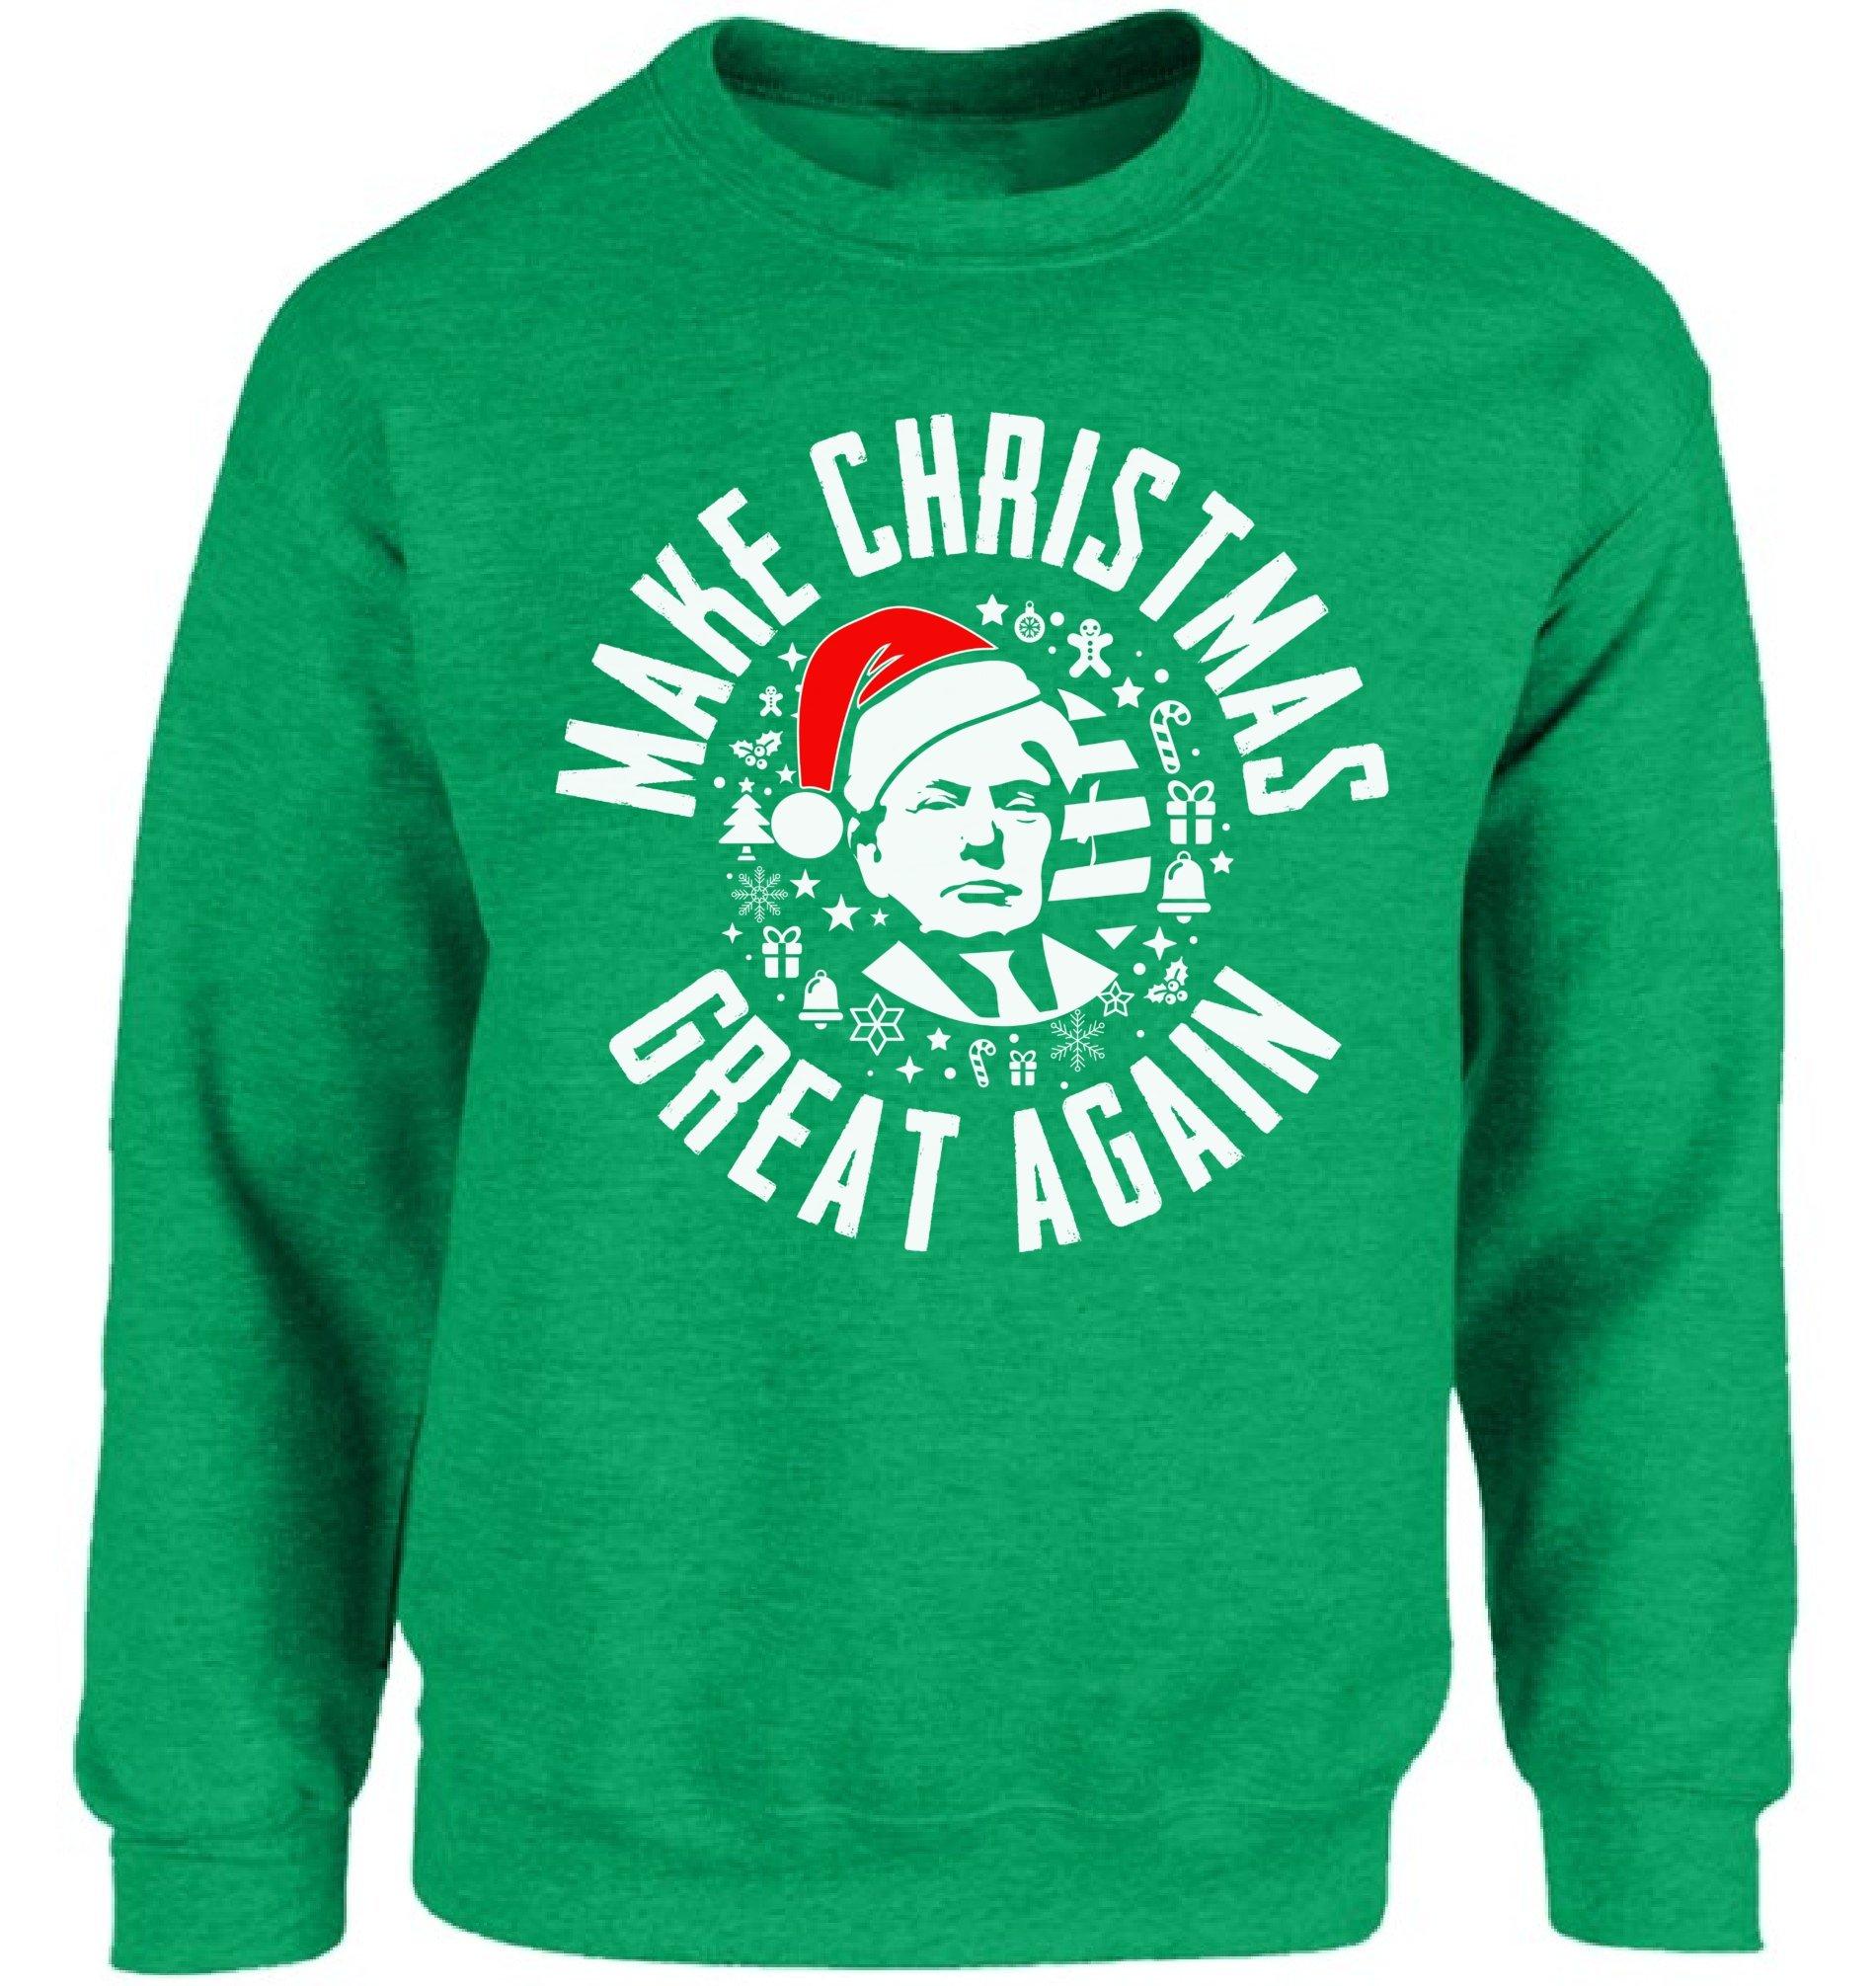 Donald Trump Ugly Christmas Sweater.Vizor Make Christmas Great Again Sweatshirt Donald Trump